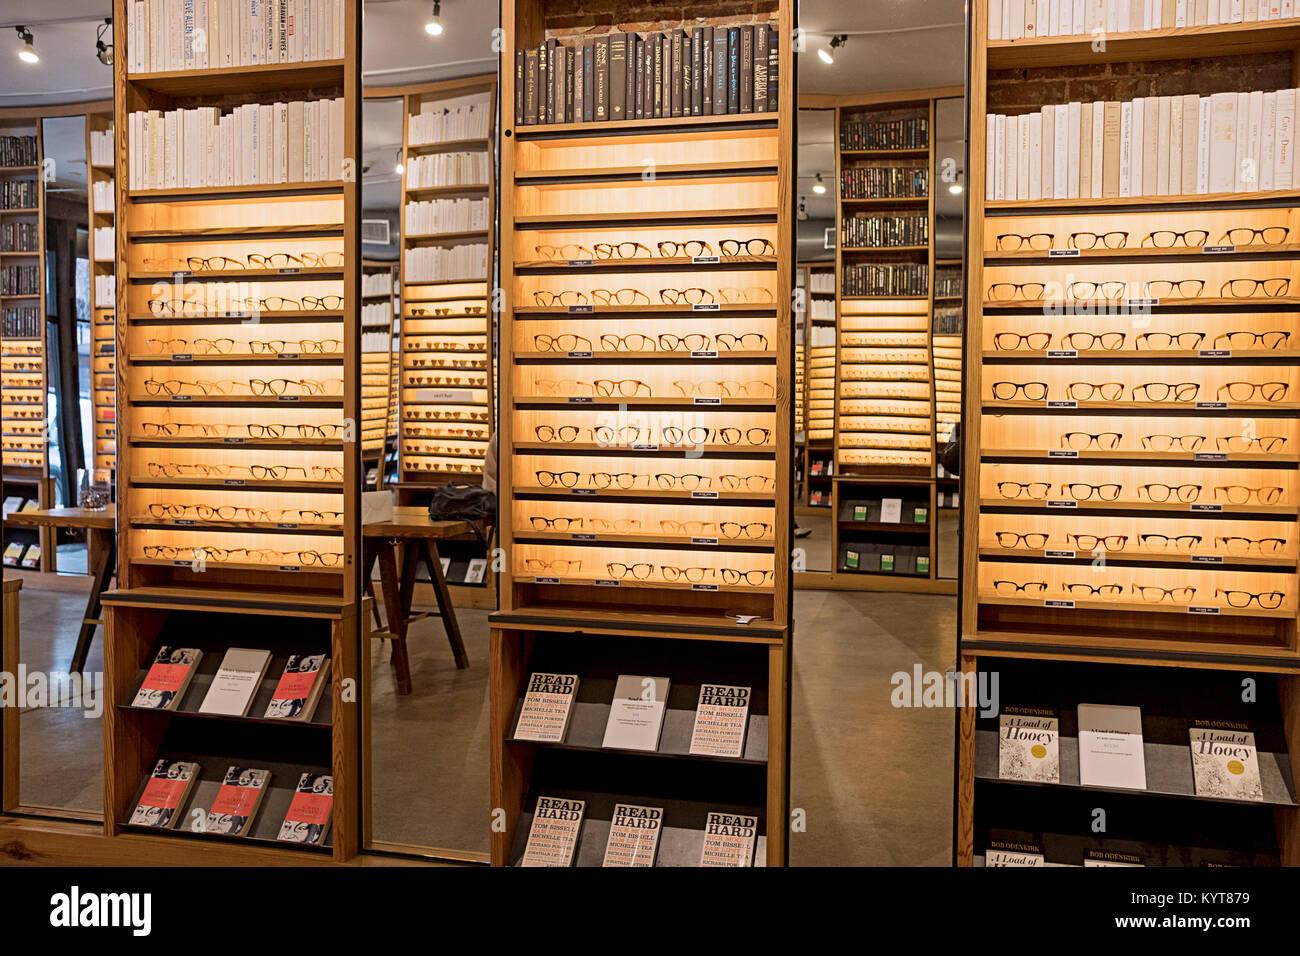 Gafas de lectura y marcos para la venta en la tienda Warby Parker en ...